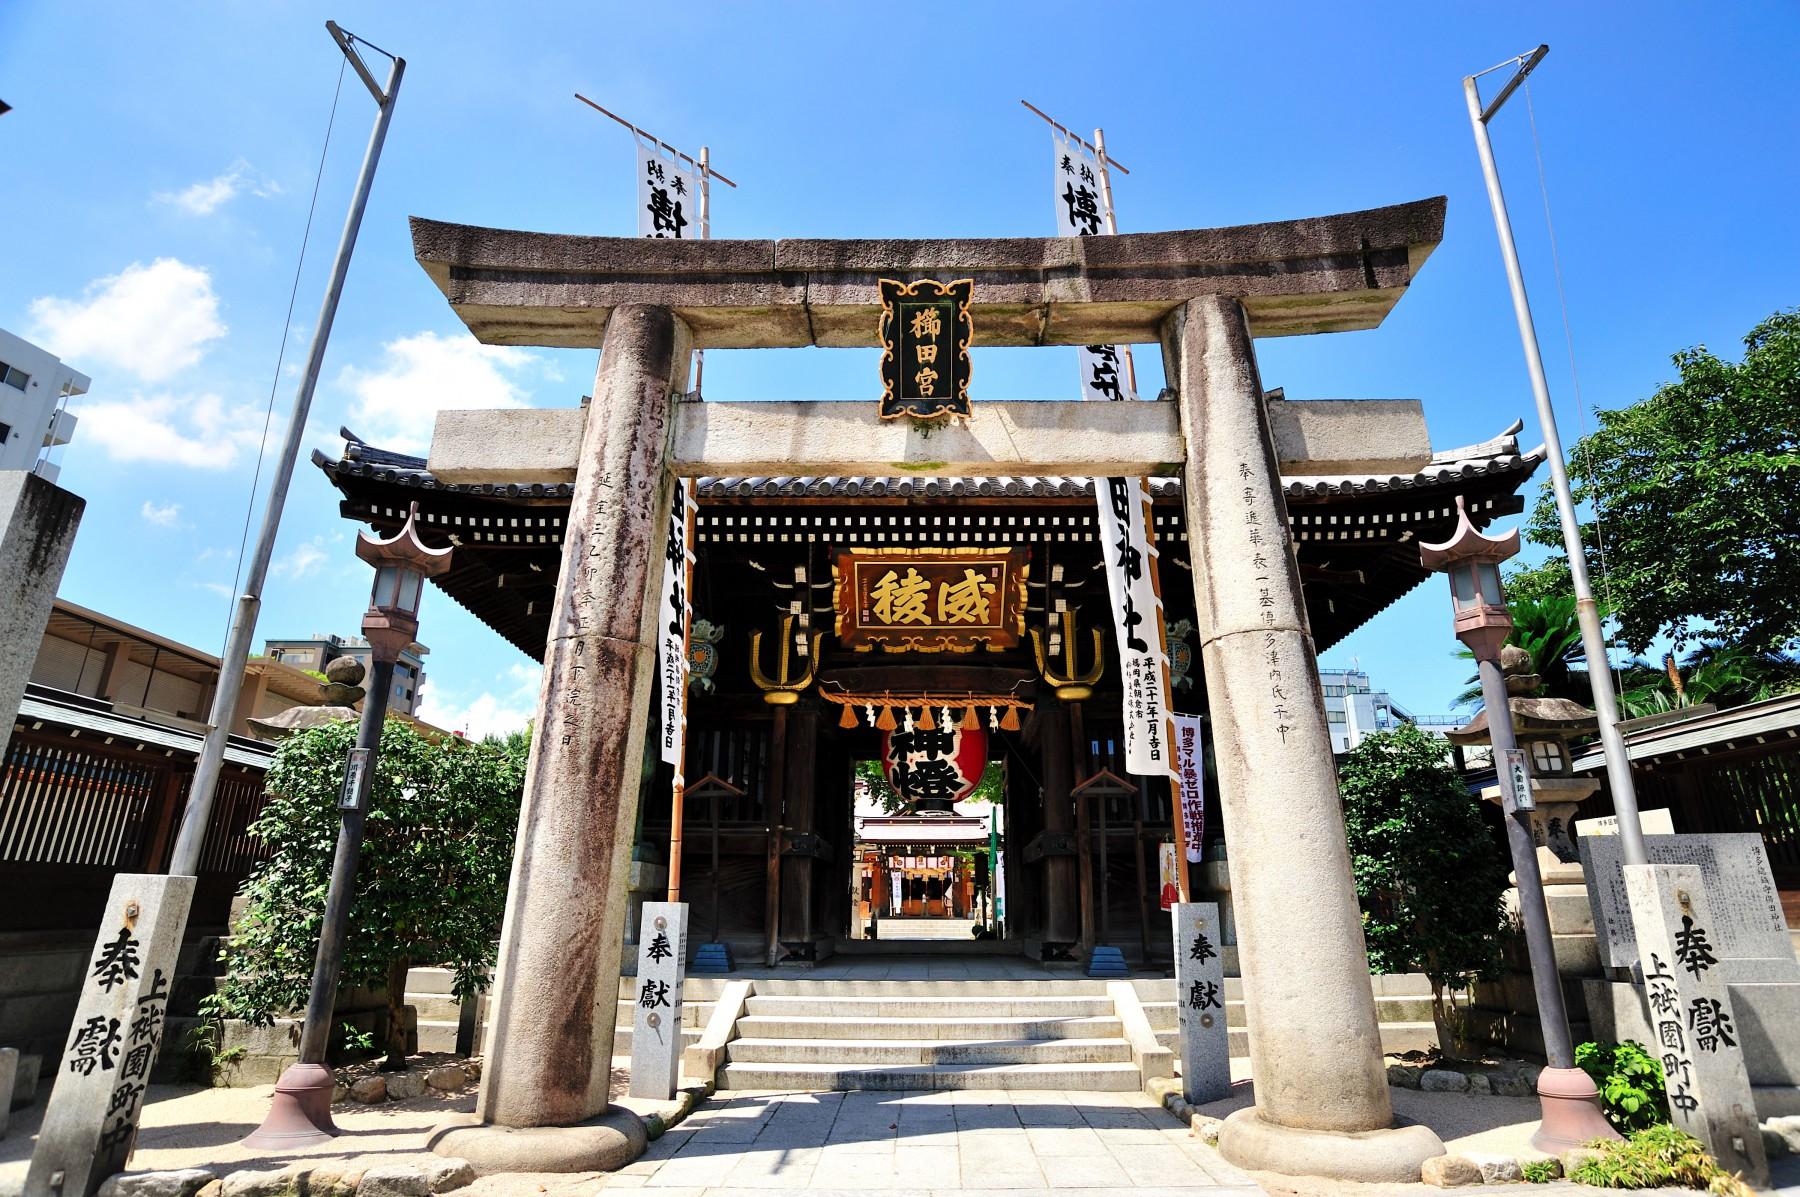 櫛田神社(2009)の画像